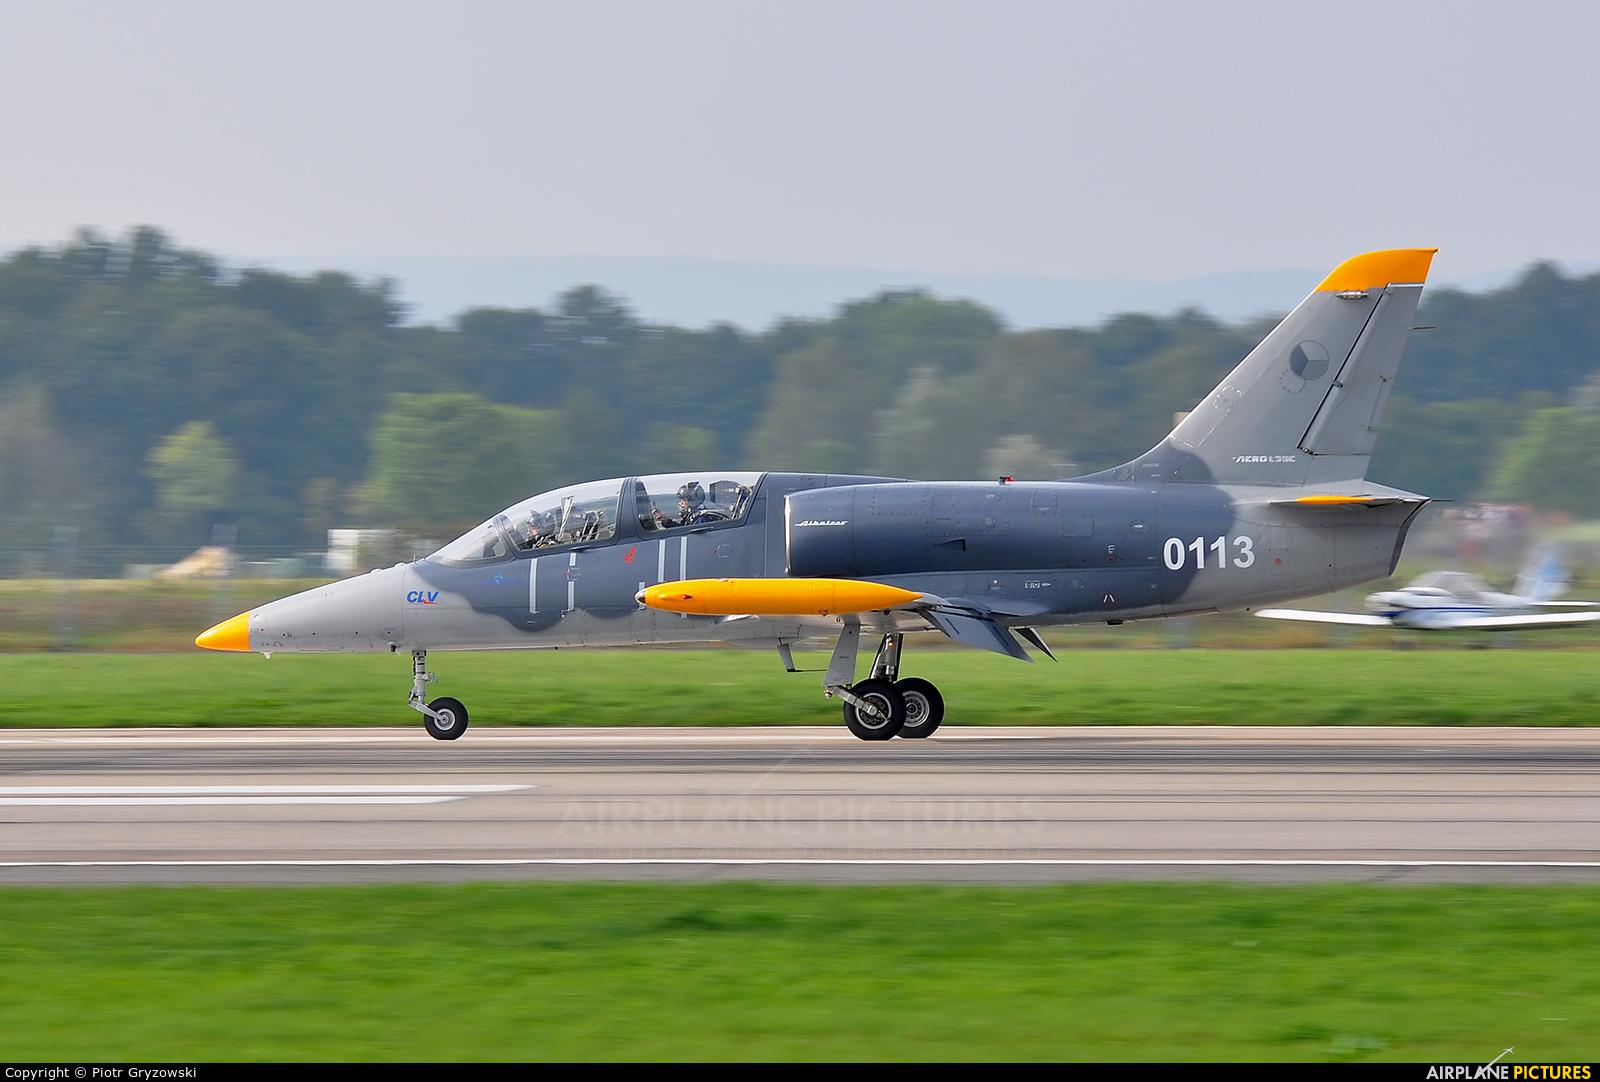 Czech - Air Force 0113 aircraft at Ostrava Mošnov